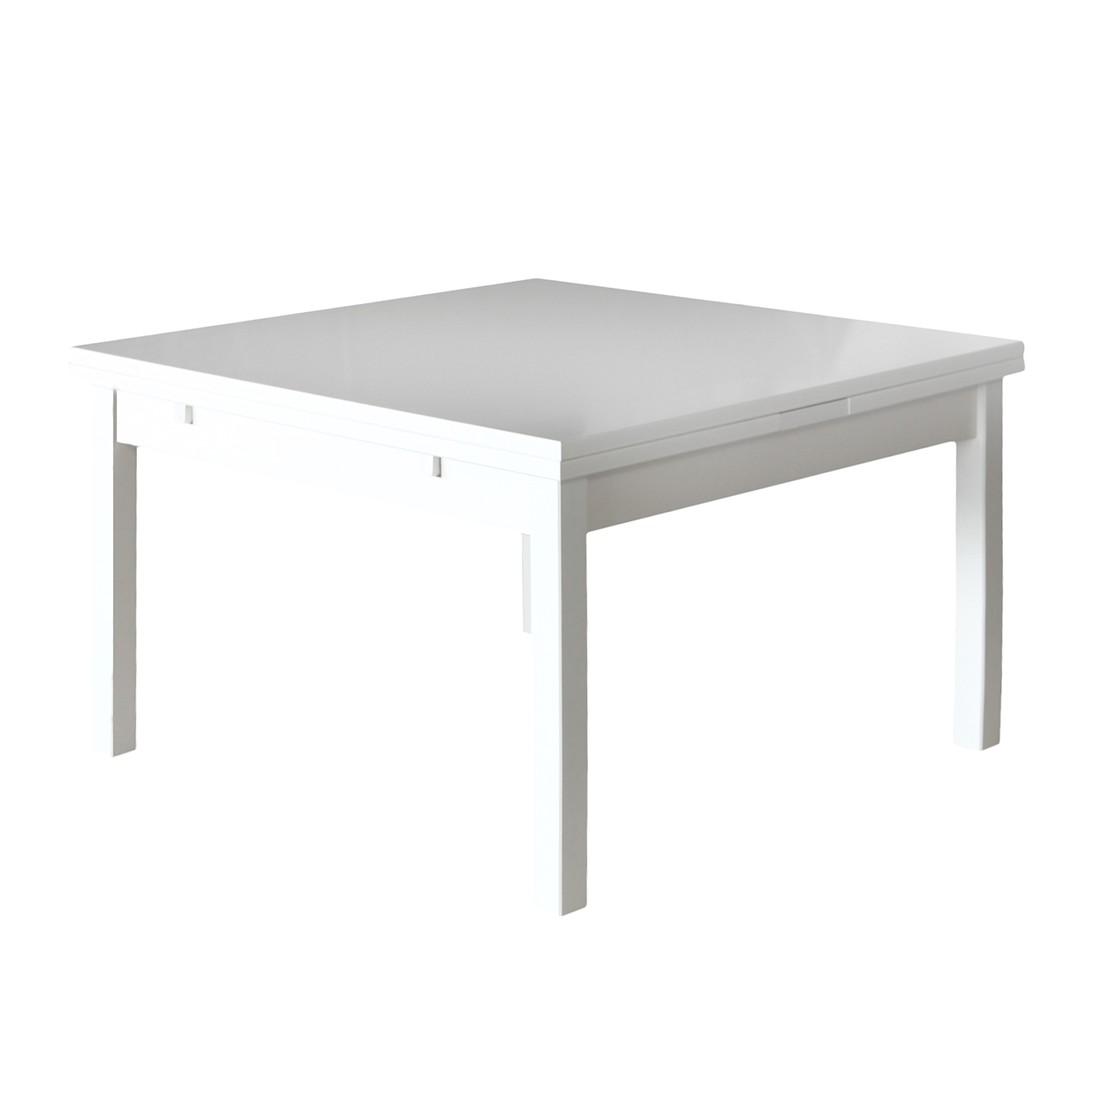 tavolino da salotto Thore (allungabile) - Bianco Tavolino, Steens